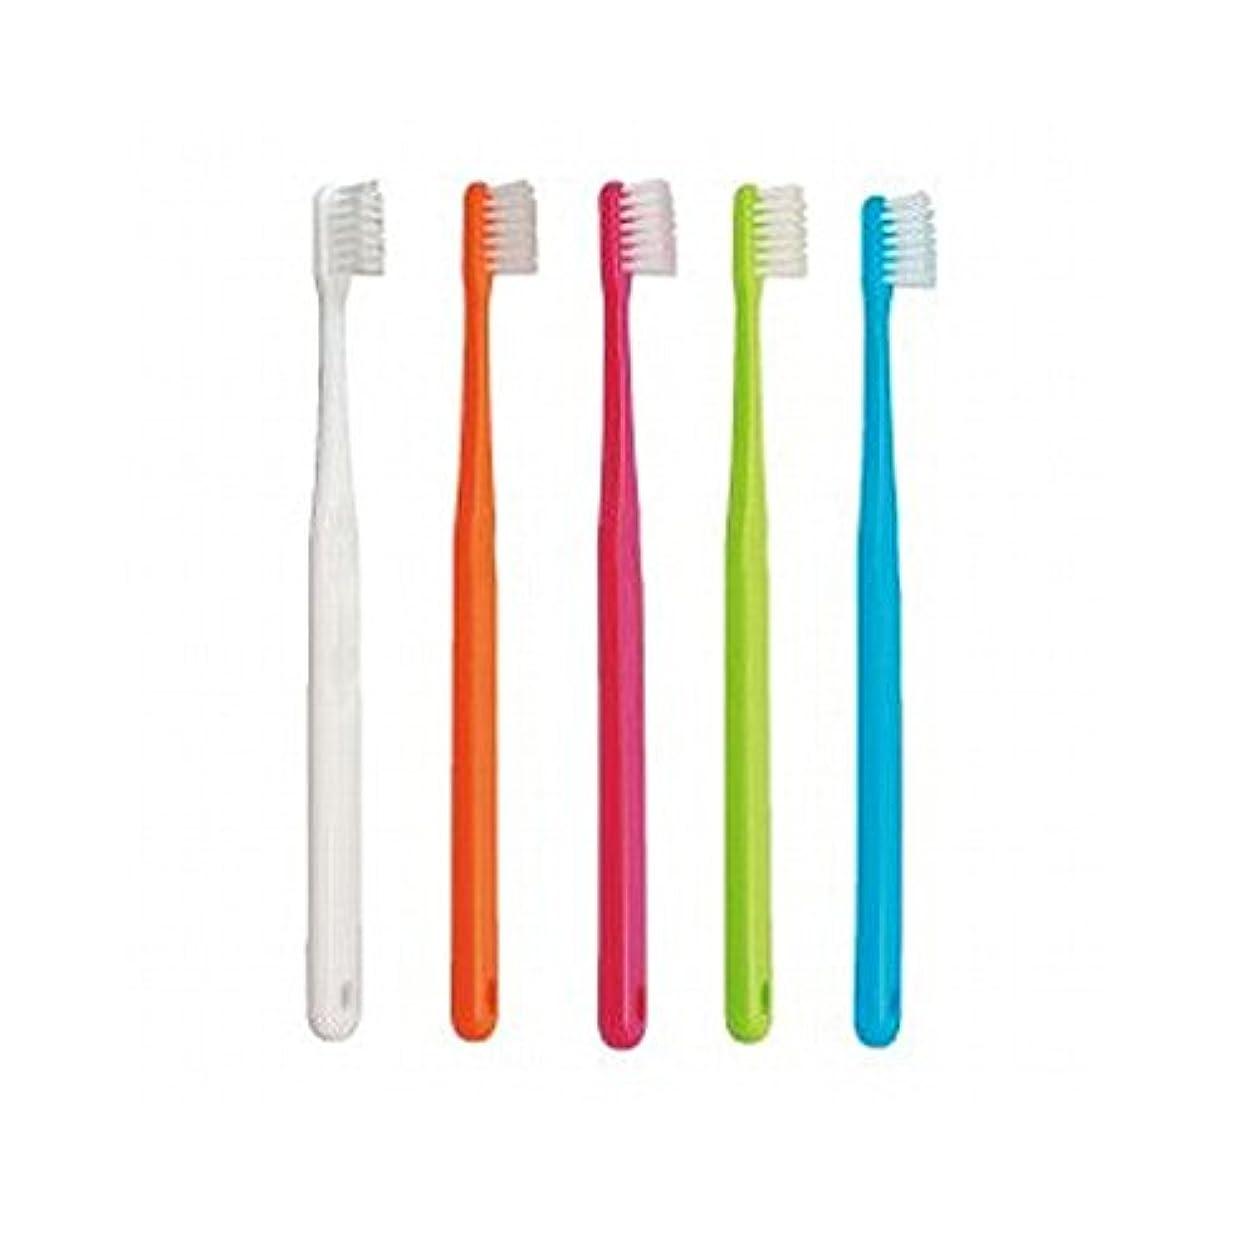 調和見習い乱用【Ci/シーアイ】【歯科用】Ci701 25本【歯ブラシ】【ややかため】【極薄ヘッド】ハンドルカラー5色選択不可